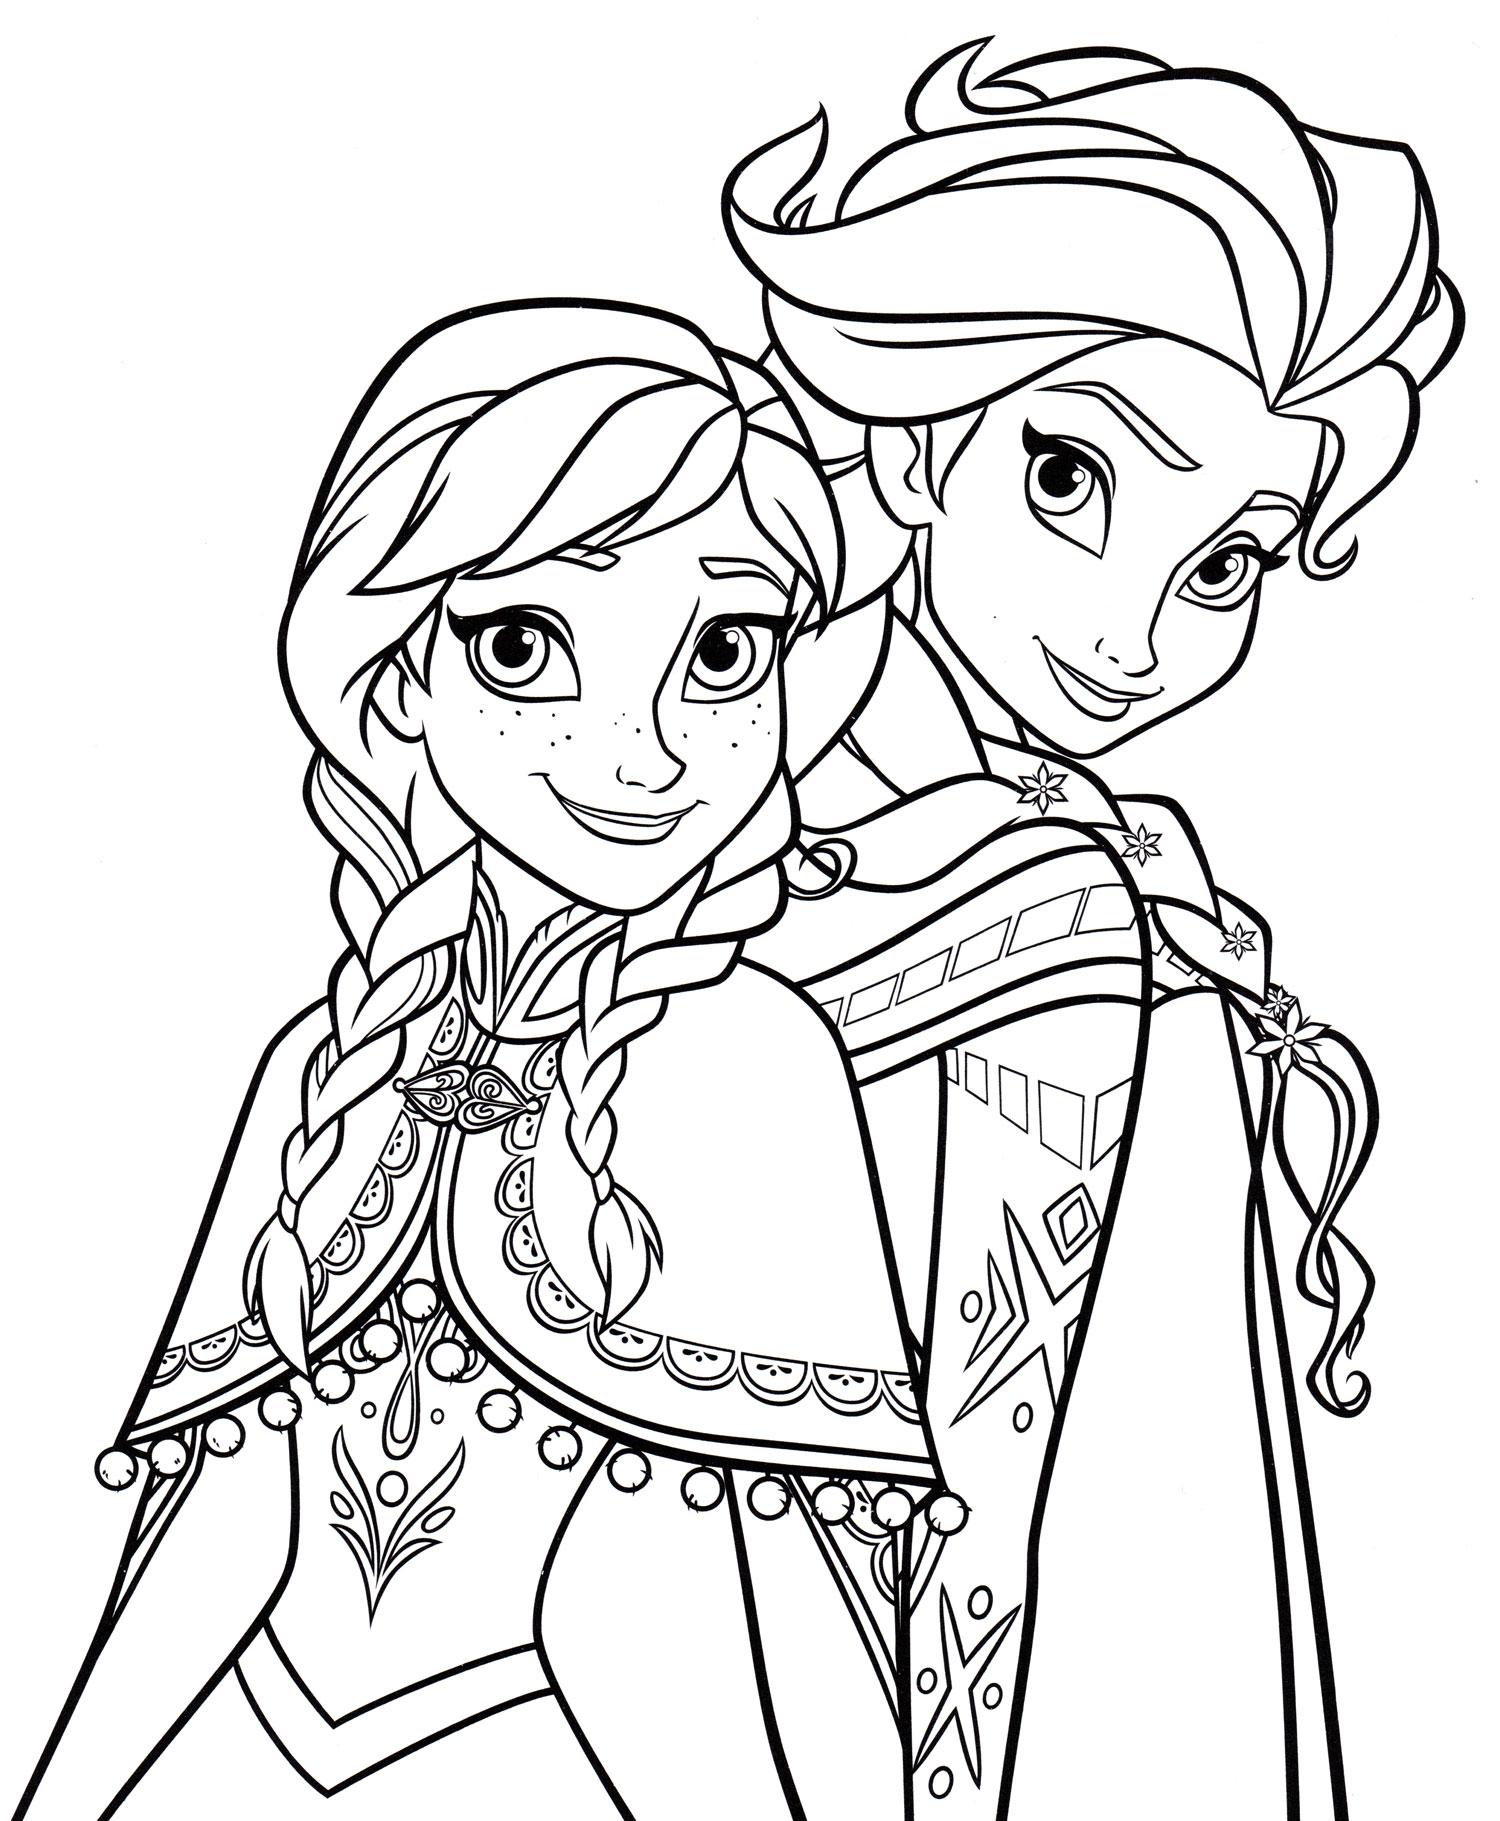 Раскраска Портрет Эльзы и Анны | Раскраски Холодное сердце